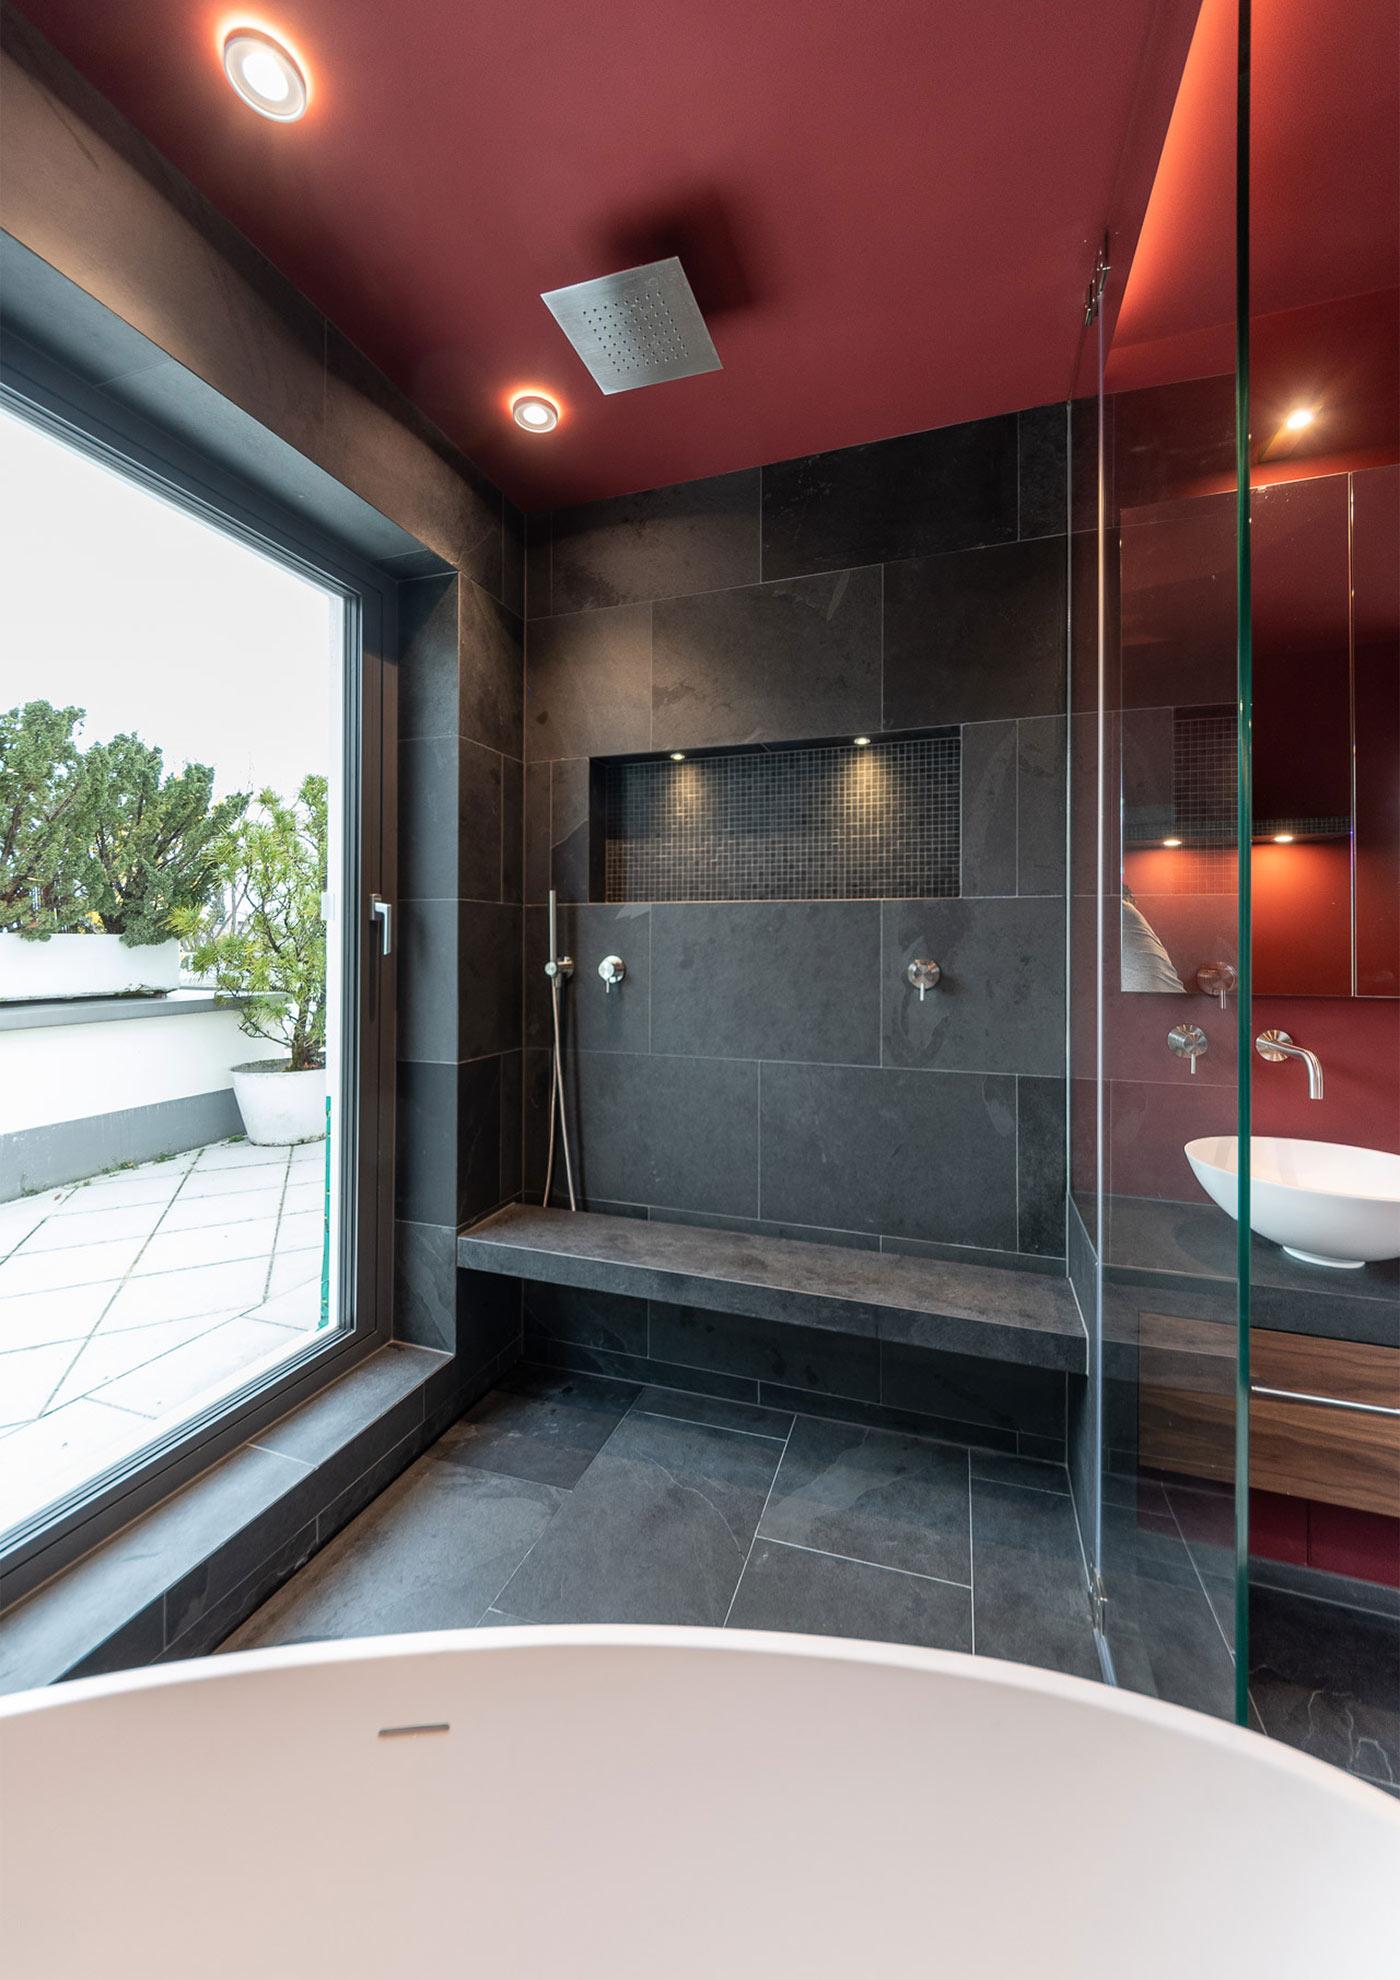 Sitzbank in Dusche